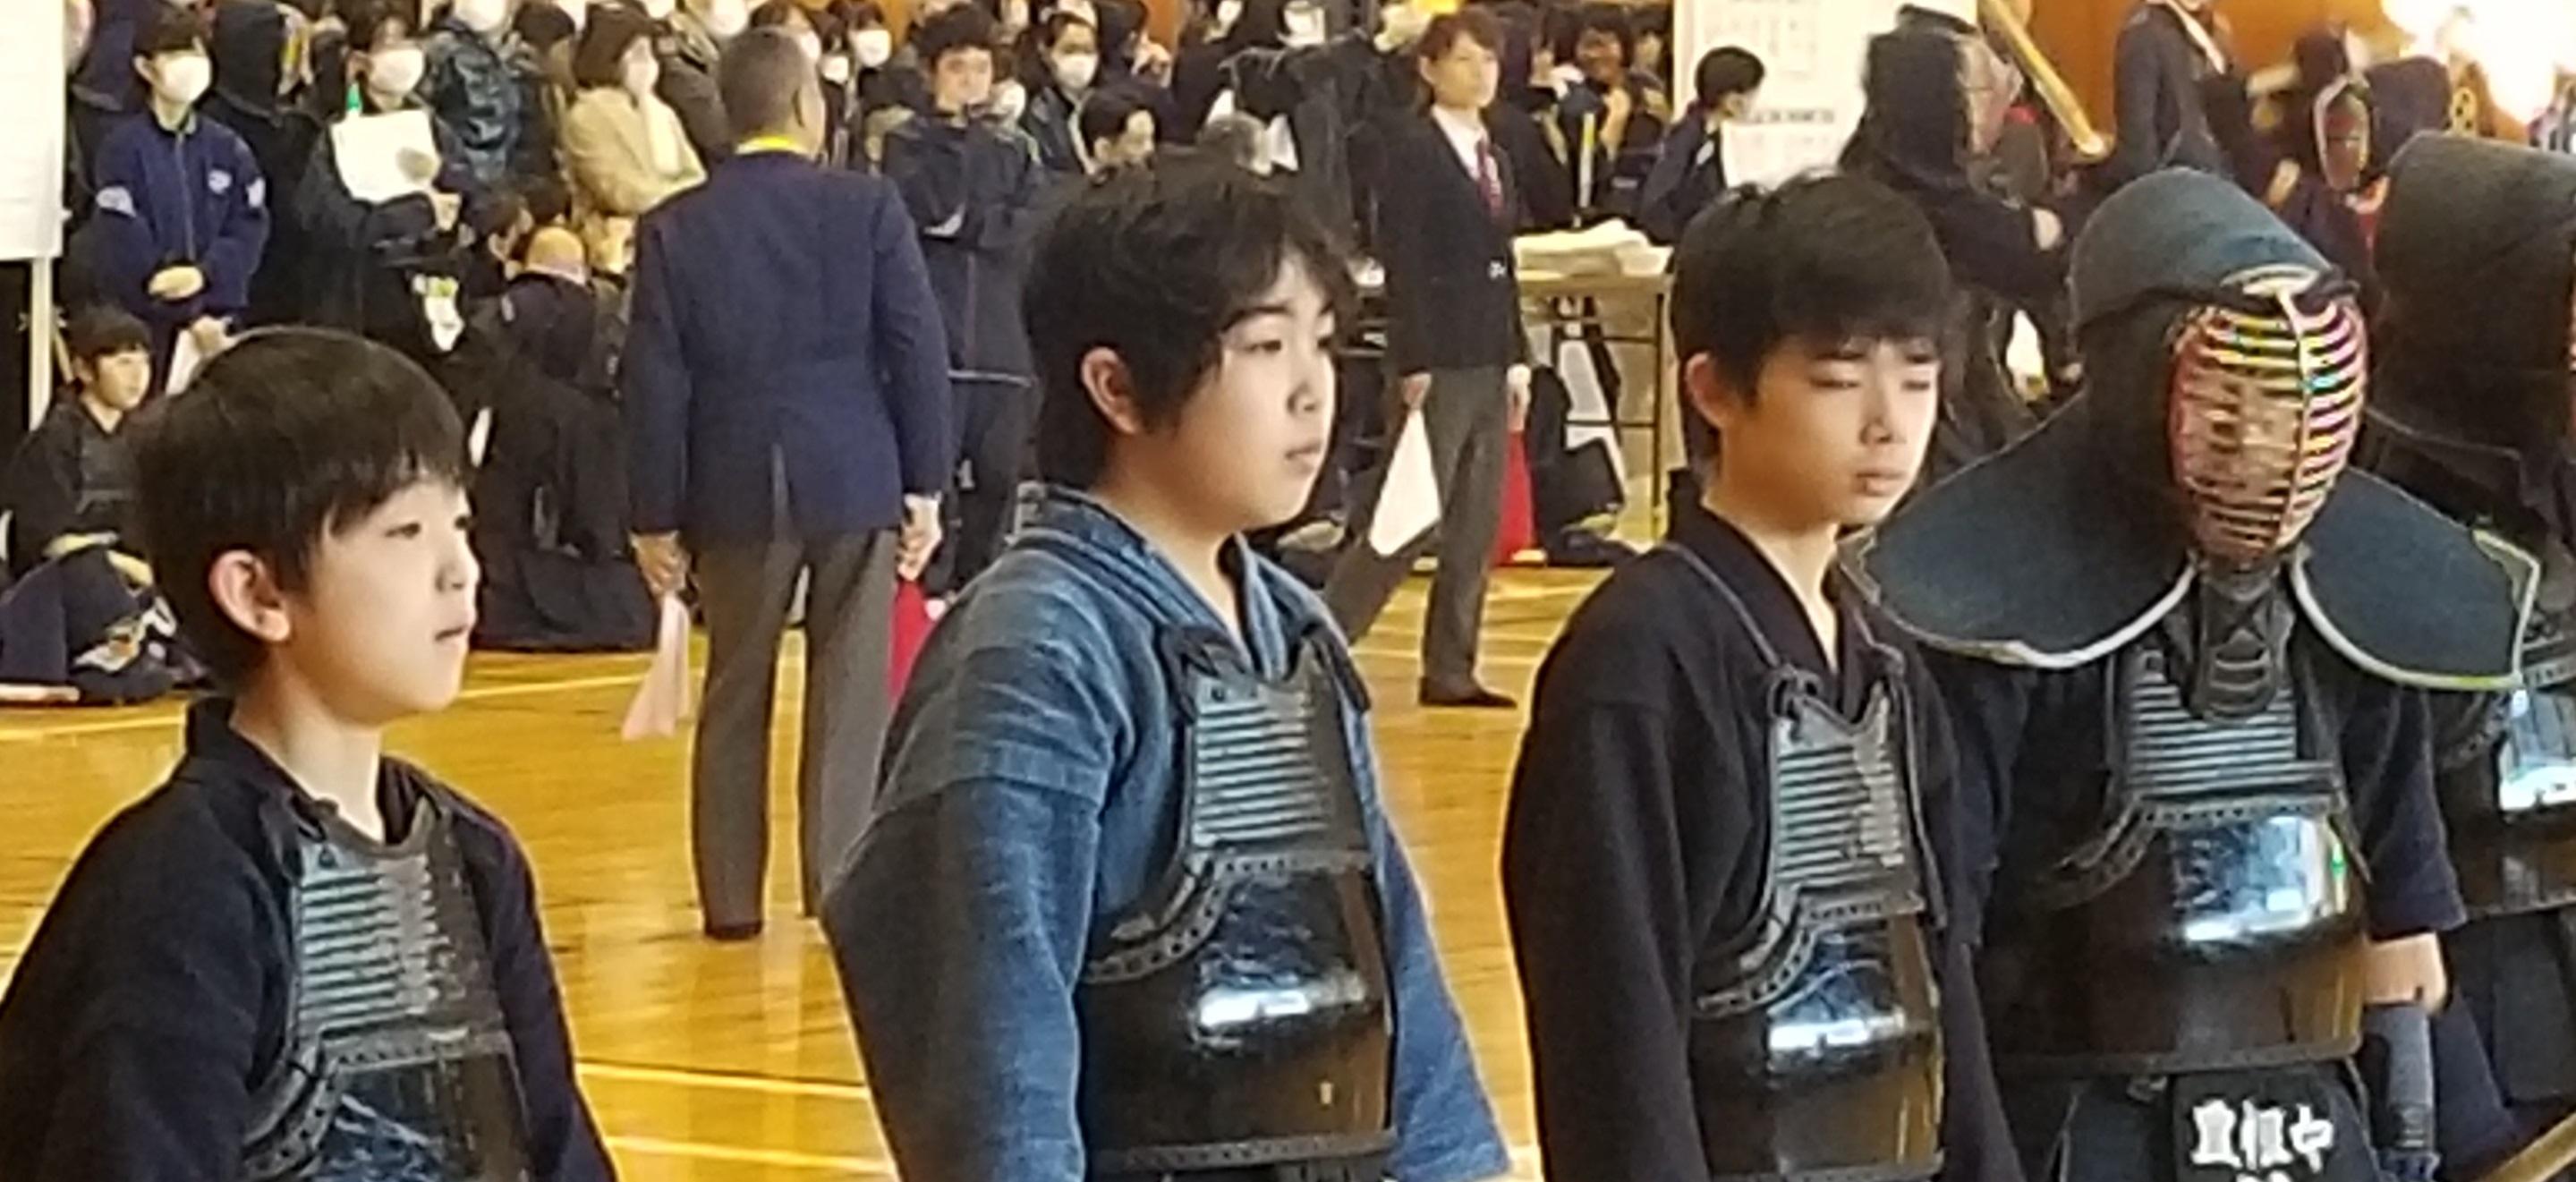 http://www.kitashitara.jp/toyone-jh/20190113_112401.jpg